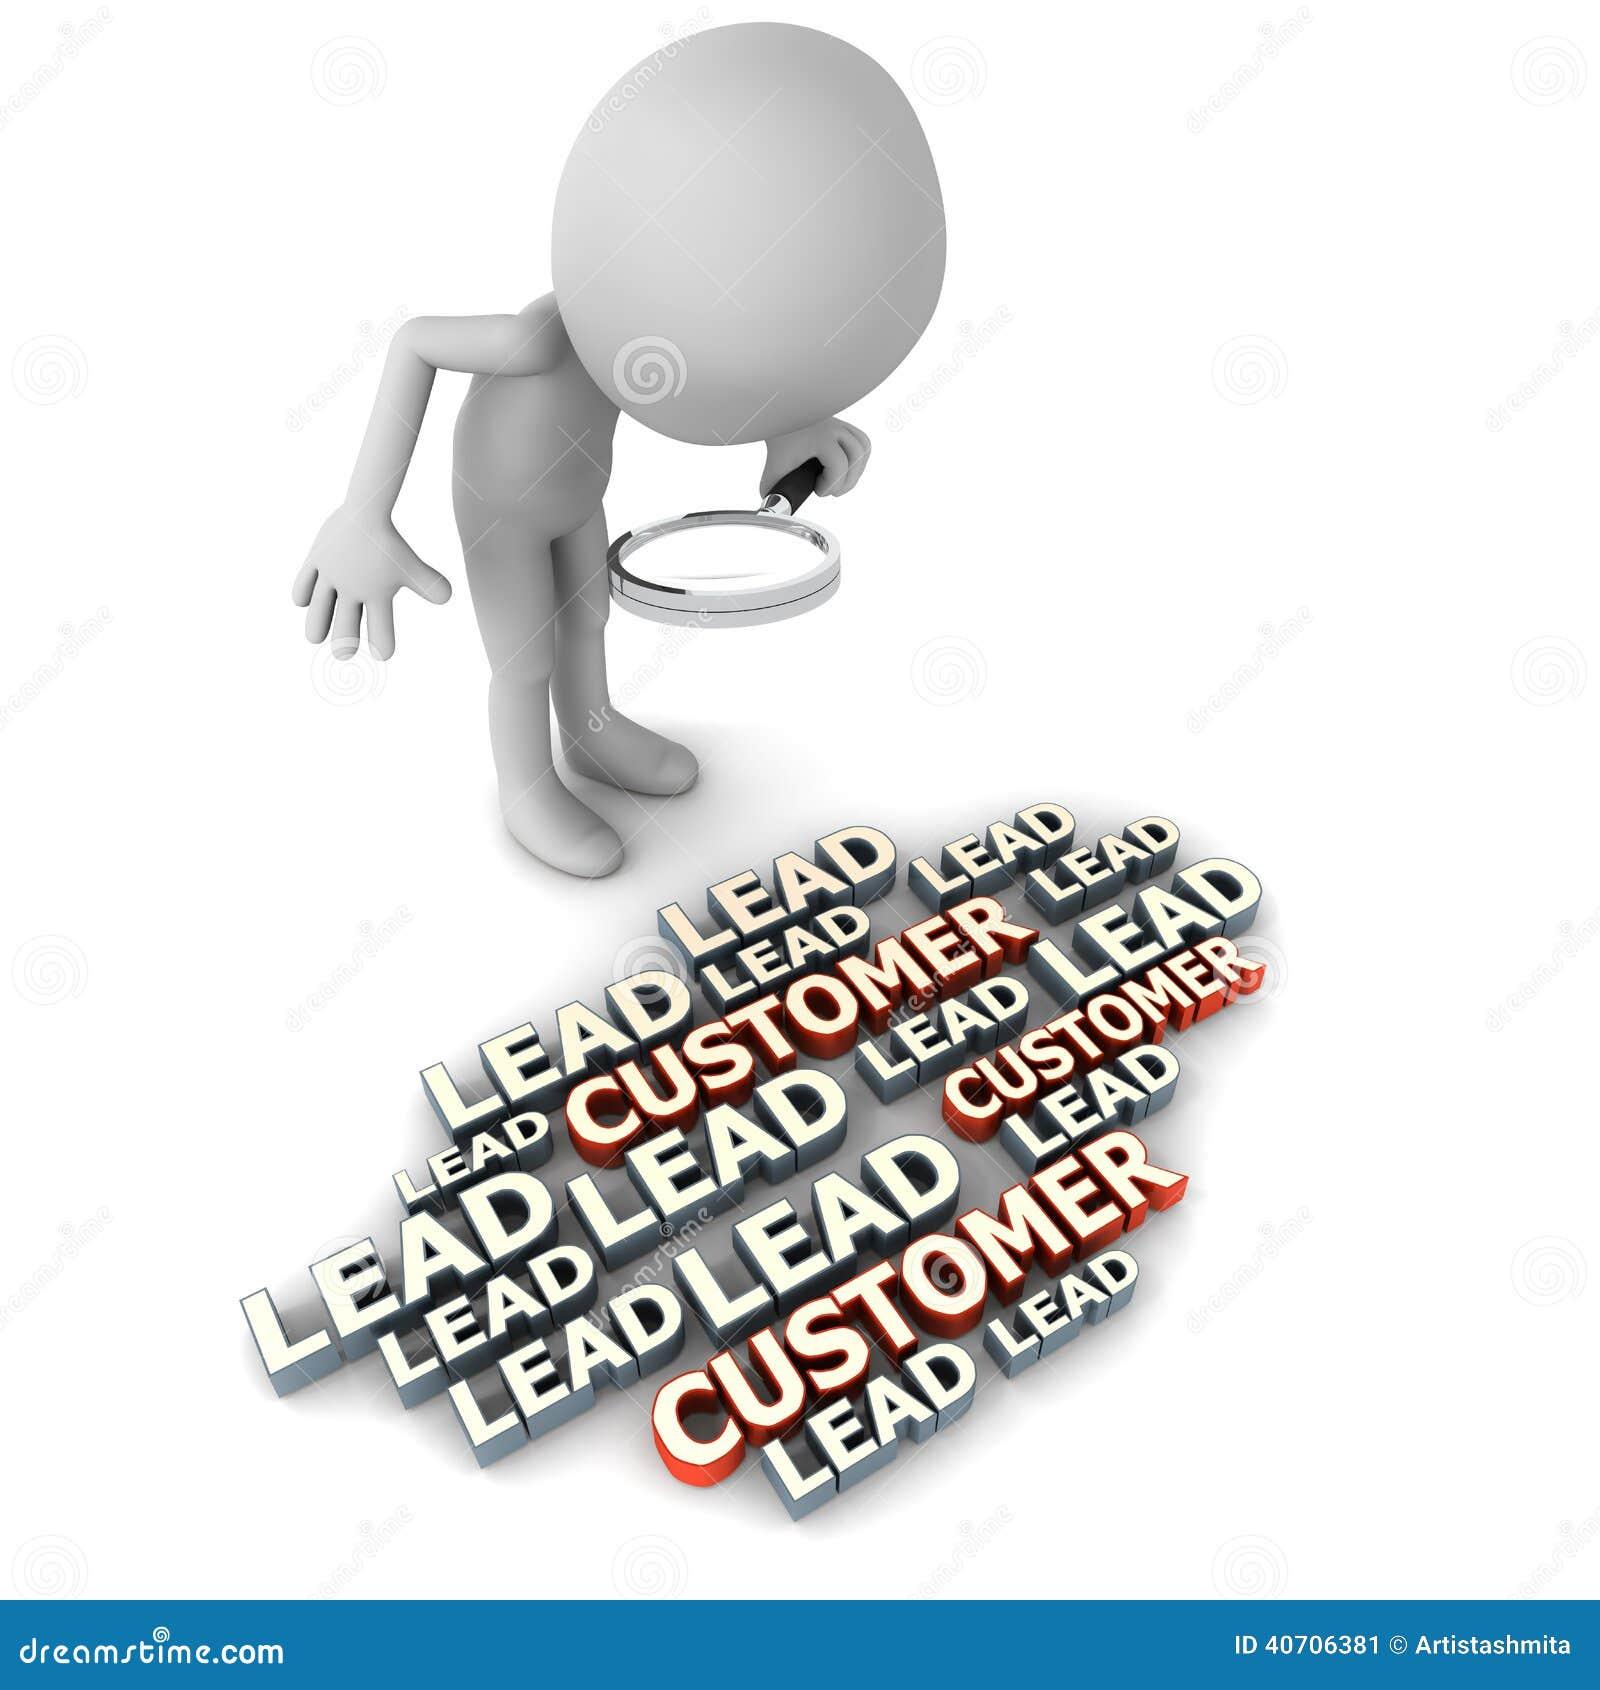 Руководства и клиенты